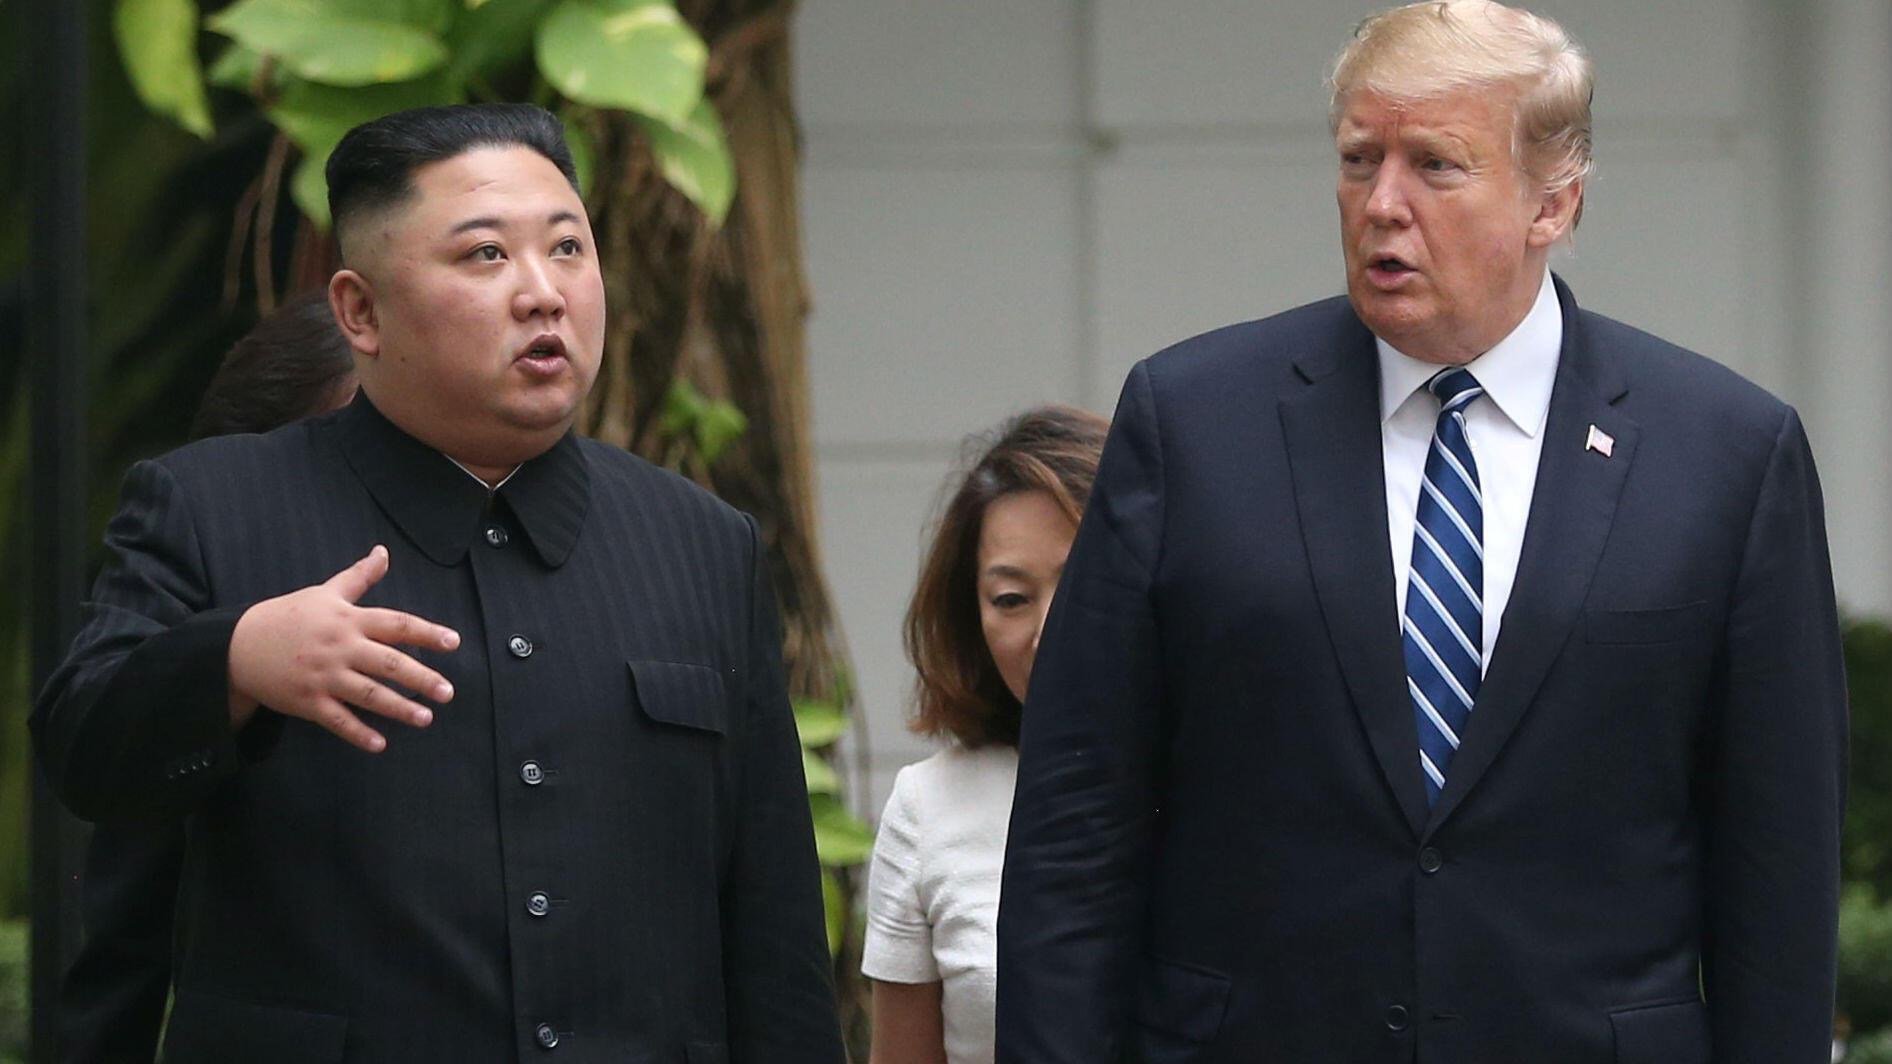 El líder norcoreano Kim Jong-un, y el Presidente de los Estados Unidos, Donald Trump, durante su segunda cumbre en Hanói, Vietnam, el 28 de febrero de 2019.